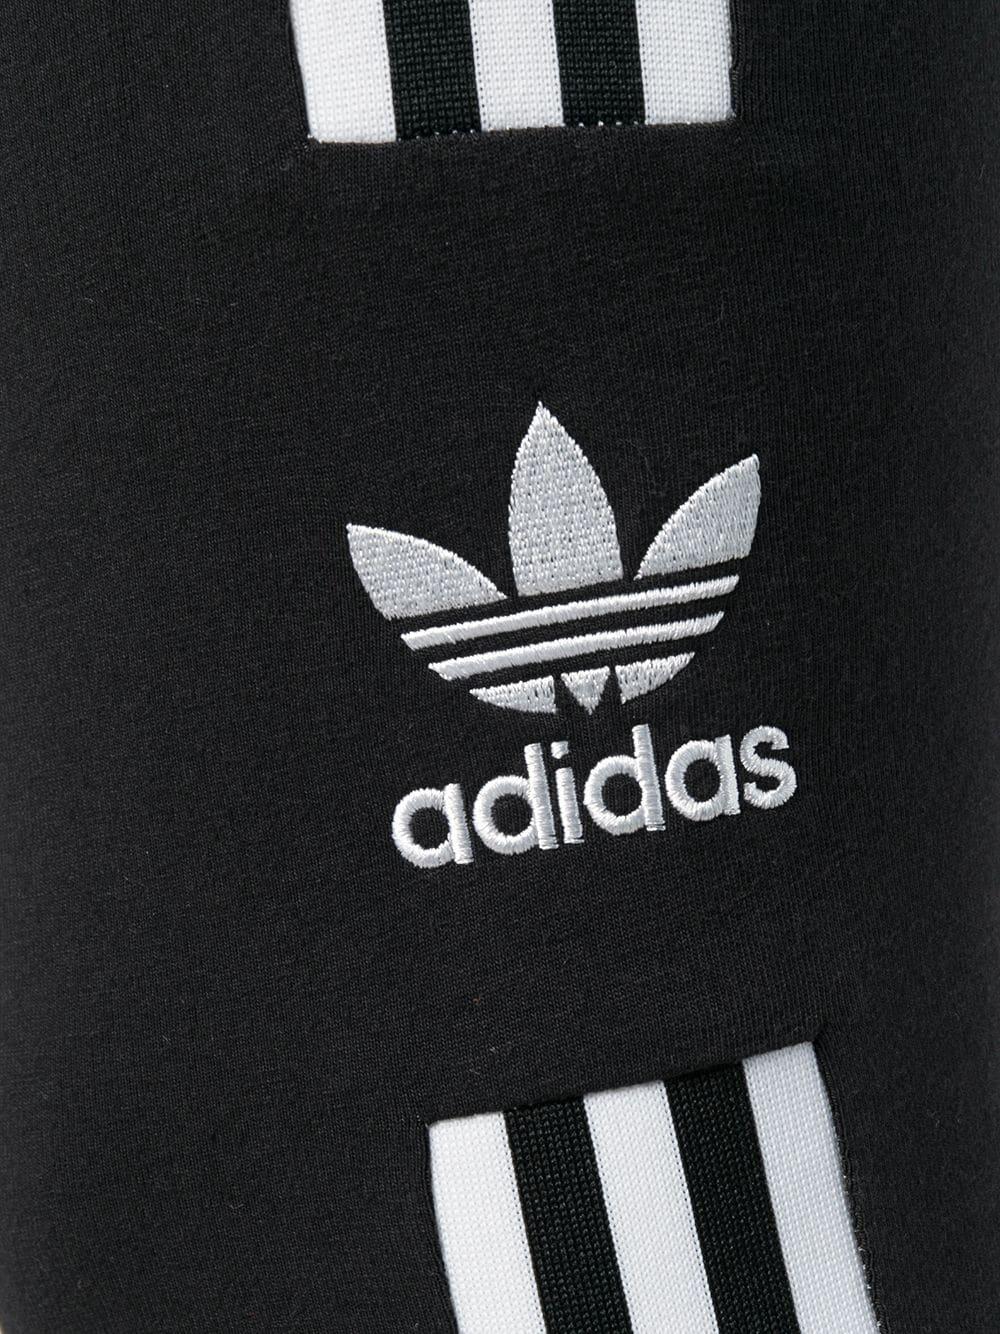 ADIDAS ORIGINALS Leggings with logo.